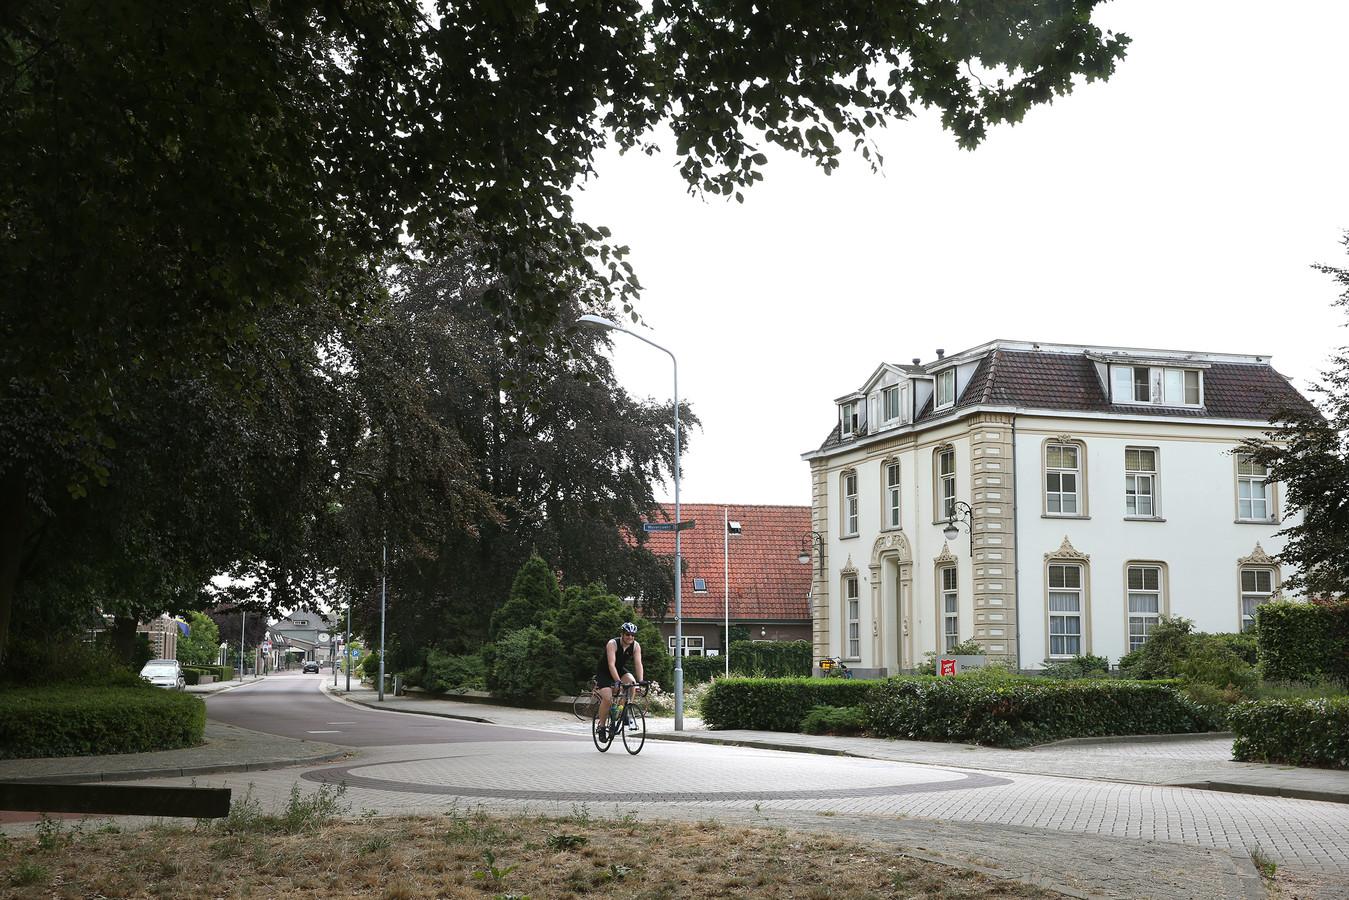 De Domus in Wehl is gesloten. Archieffoto